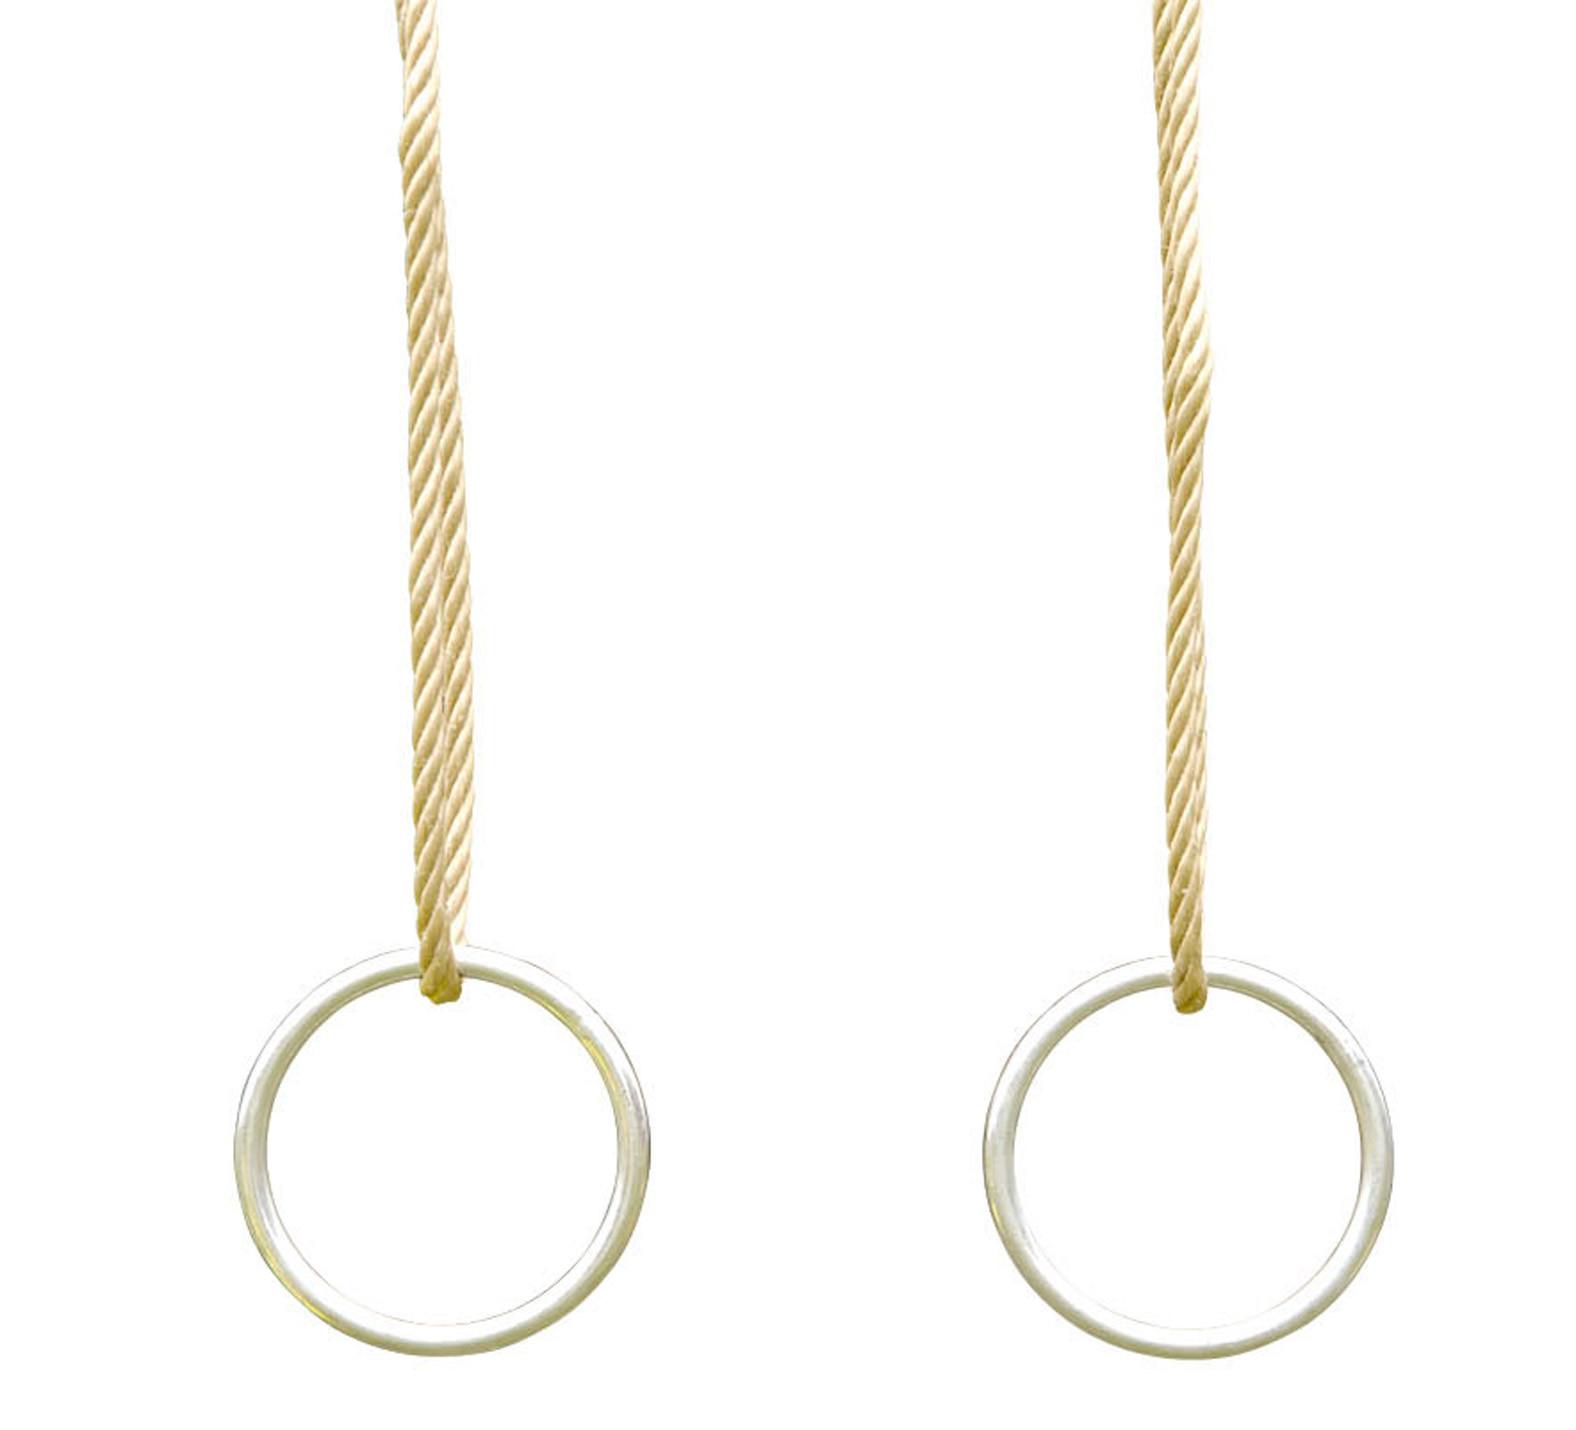 Jeux d'anneaux en métal pour portique 3,5 m TRIGANO